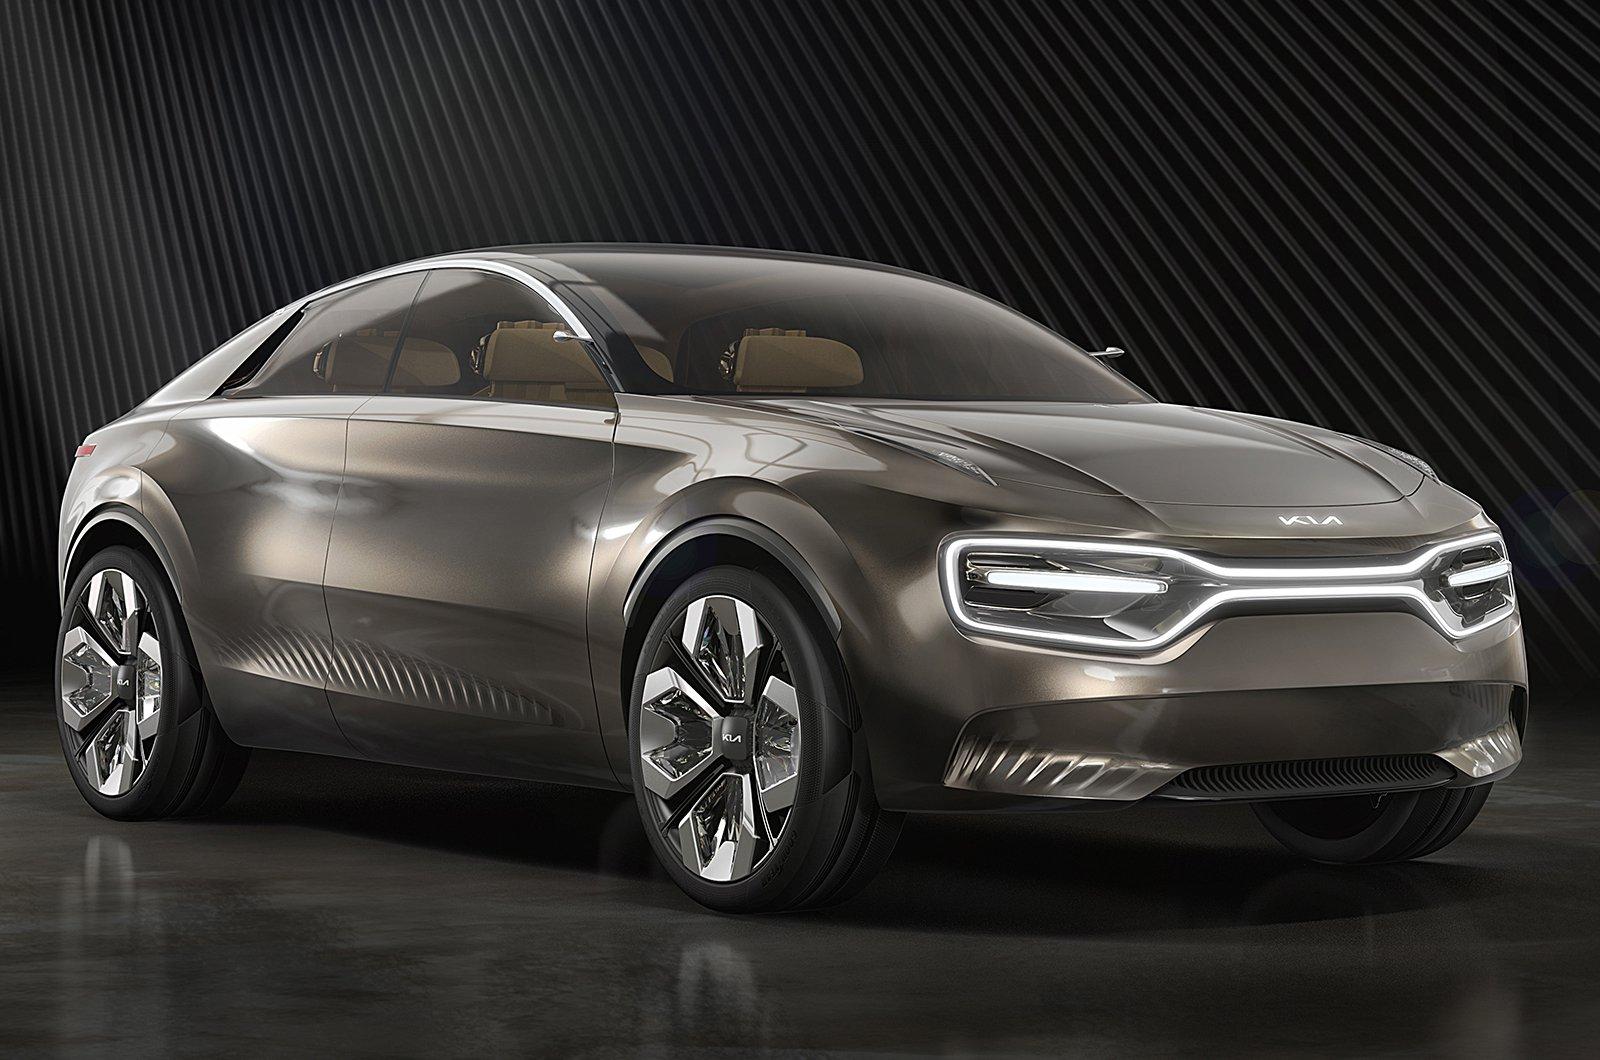 Kia Imagine concept front